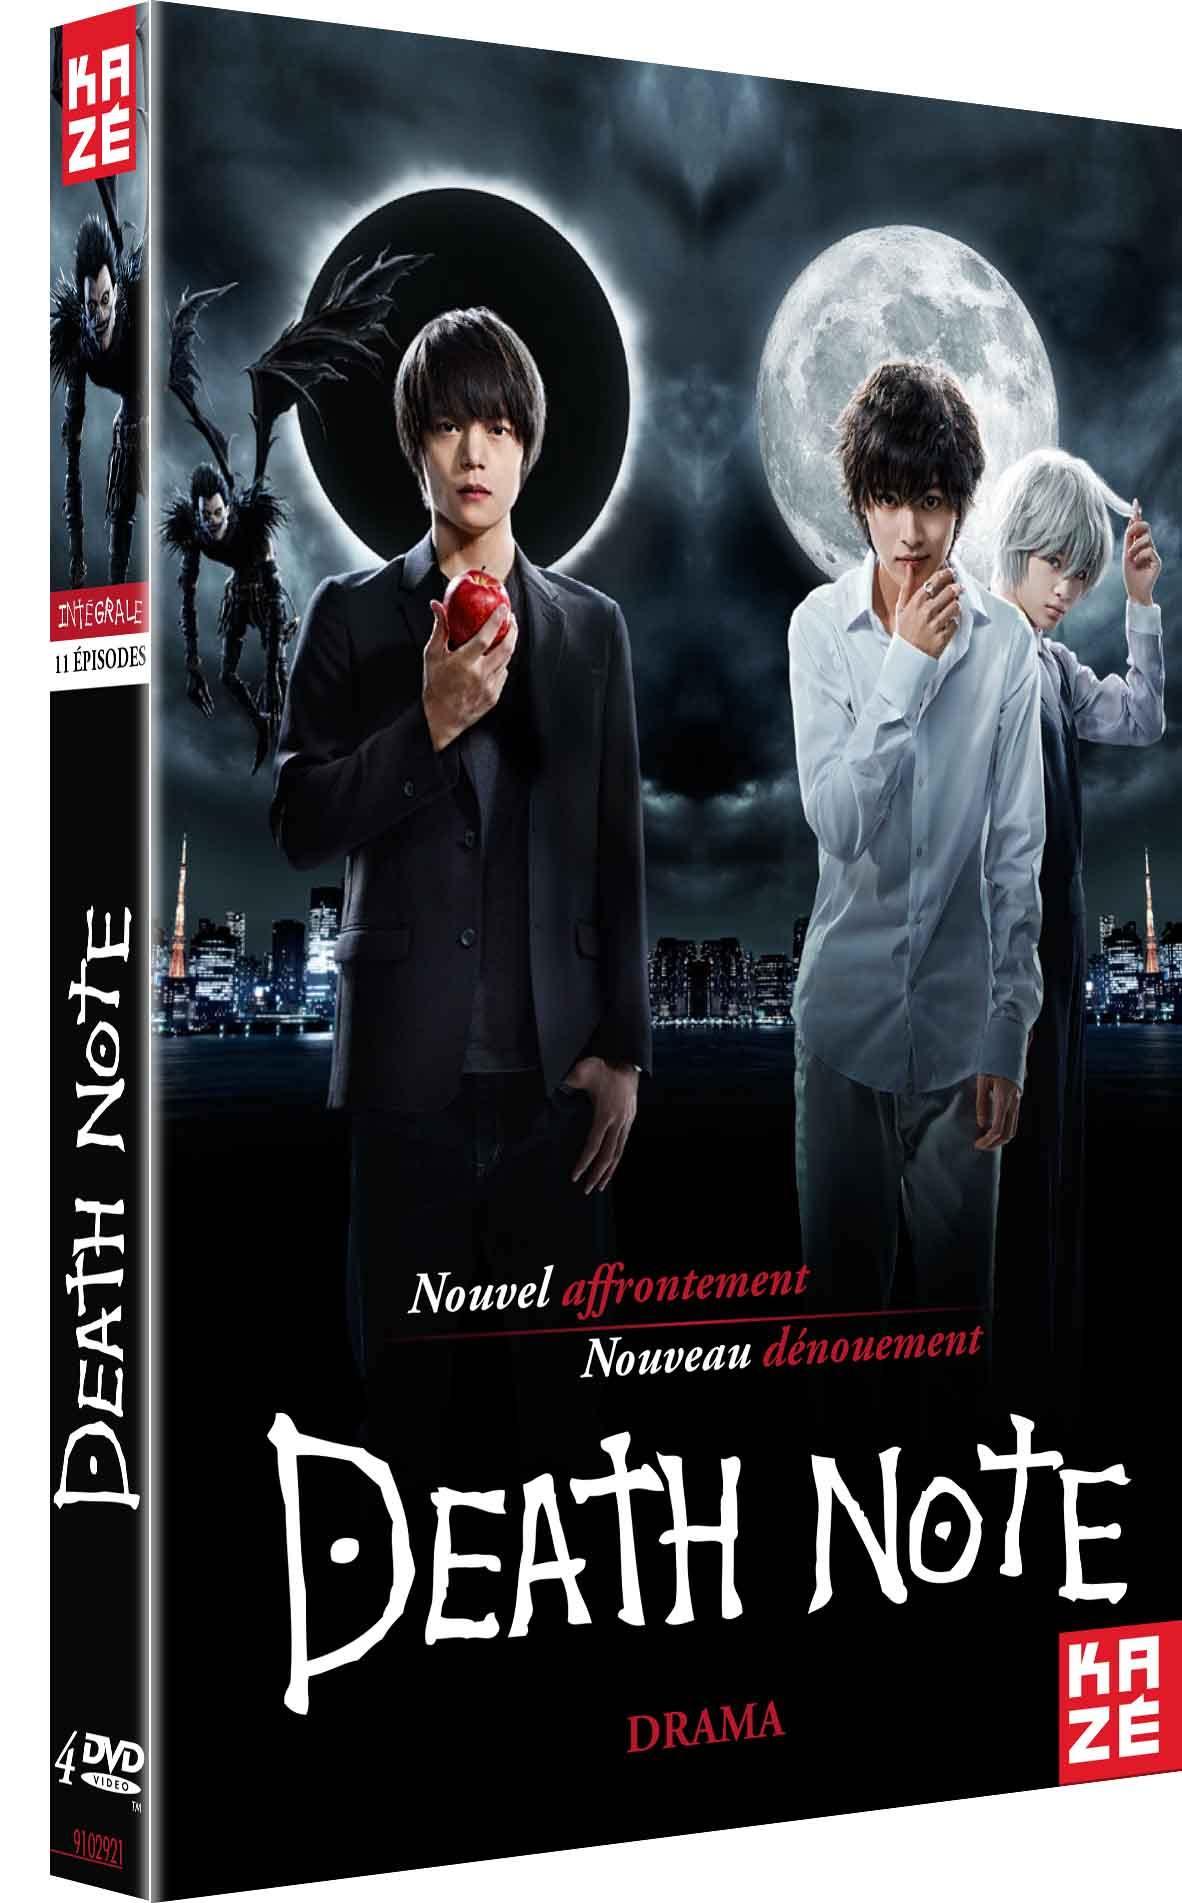 Death note - le drama - integrale serie - 4 dvd